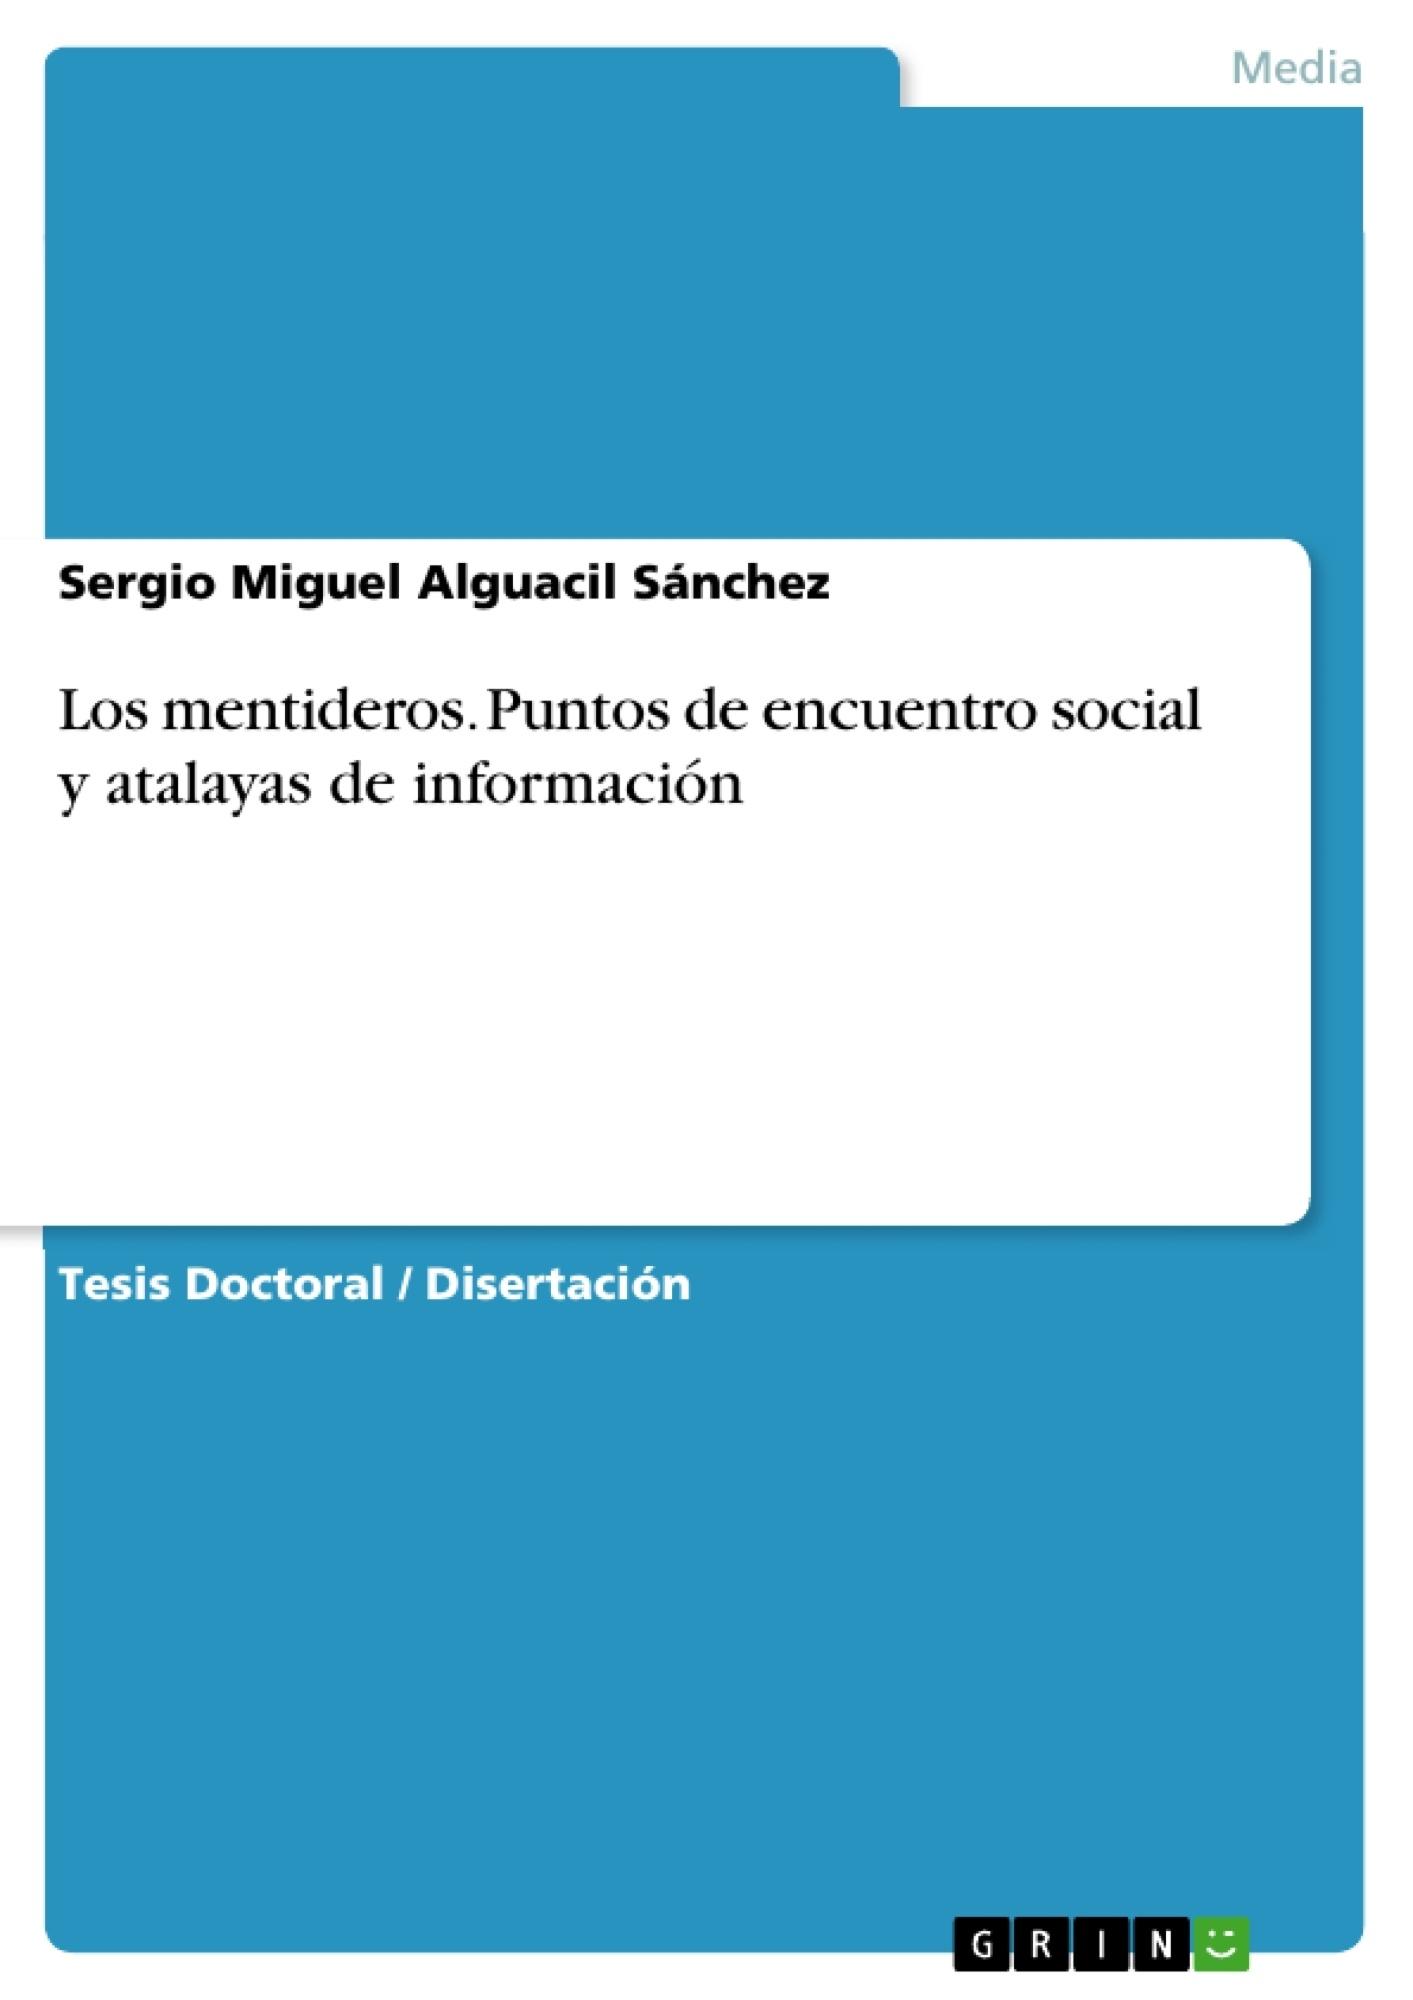 Título: Los mentideros. Puntos de encuentro social y atalayas de información